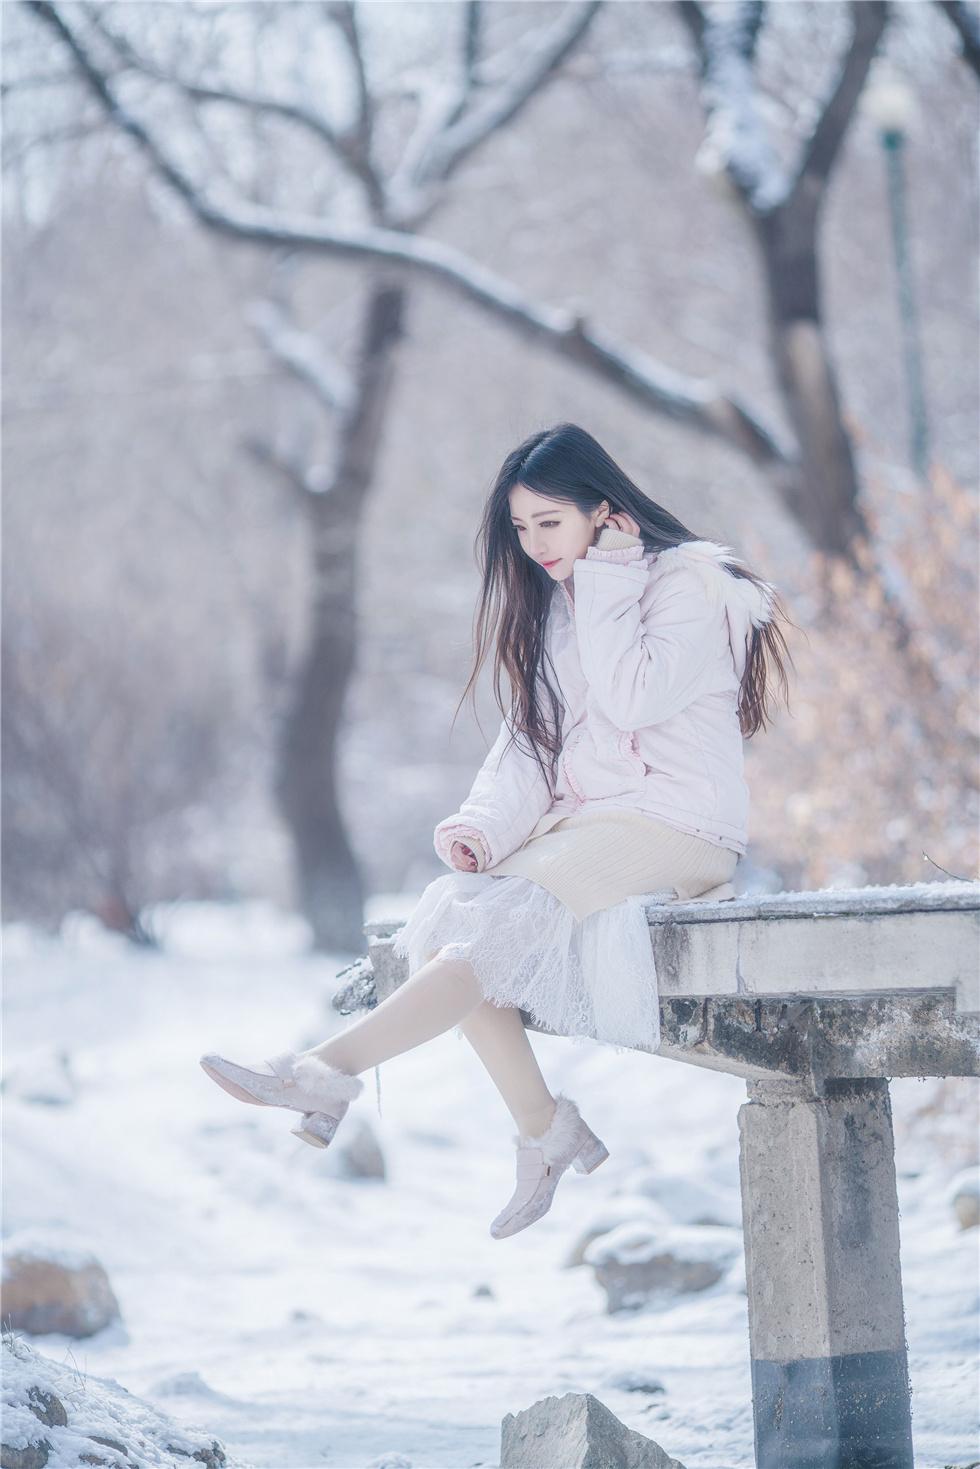 冬日里令你动容的精灵少女,第9张